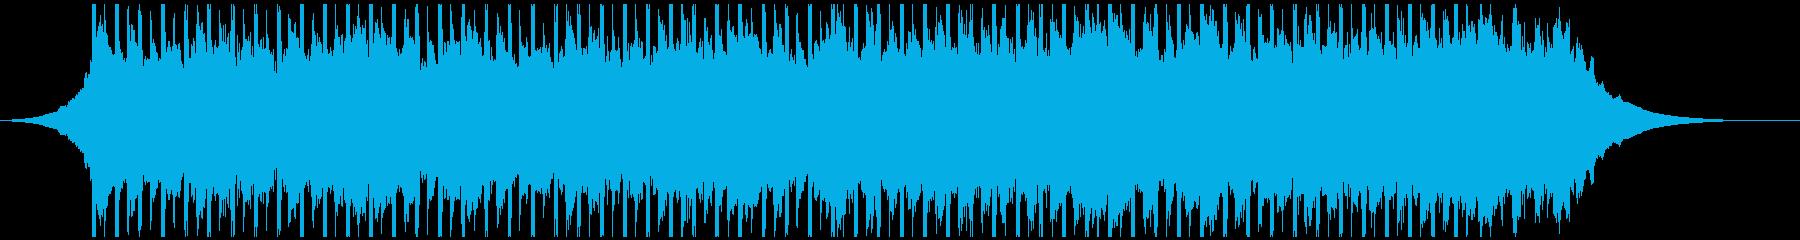 達成(ショート1)の再生済みの波形